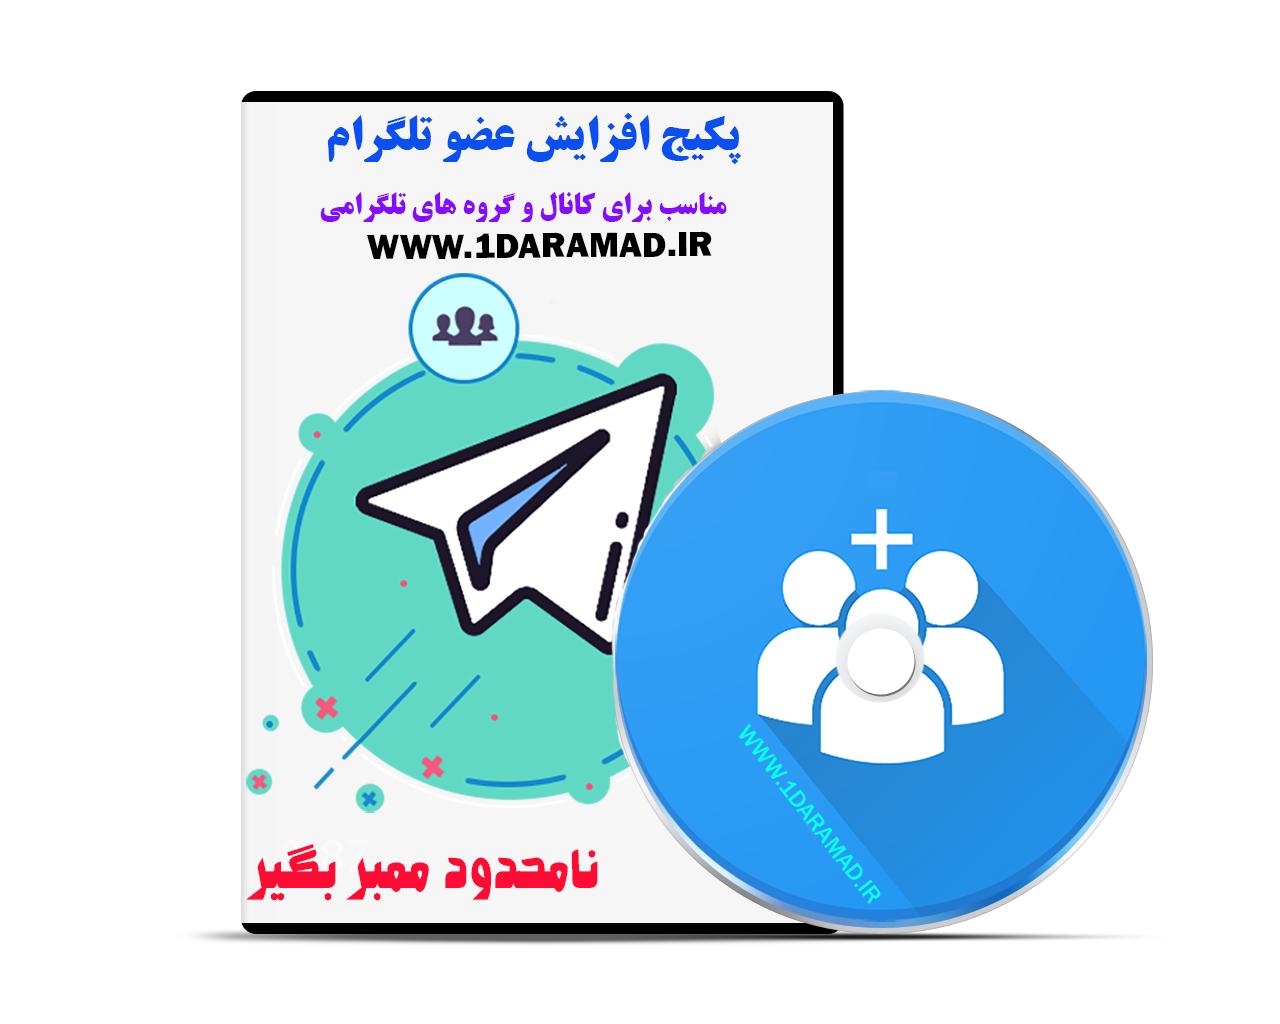 پکیج آموزشی افزایش عضو واقعی کانال و گروه تلگرامپکیج آموزشی افزایش عضو واقعی کانال و گروه تلگرام